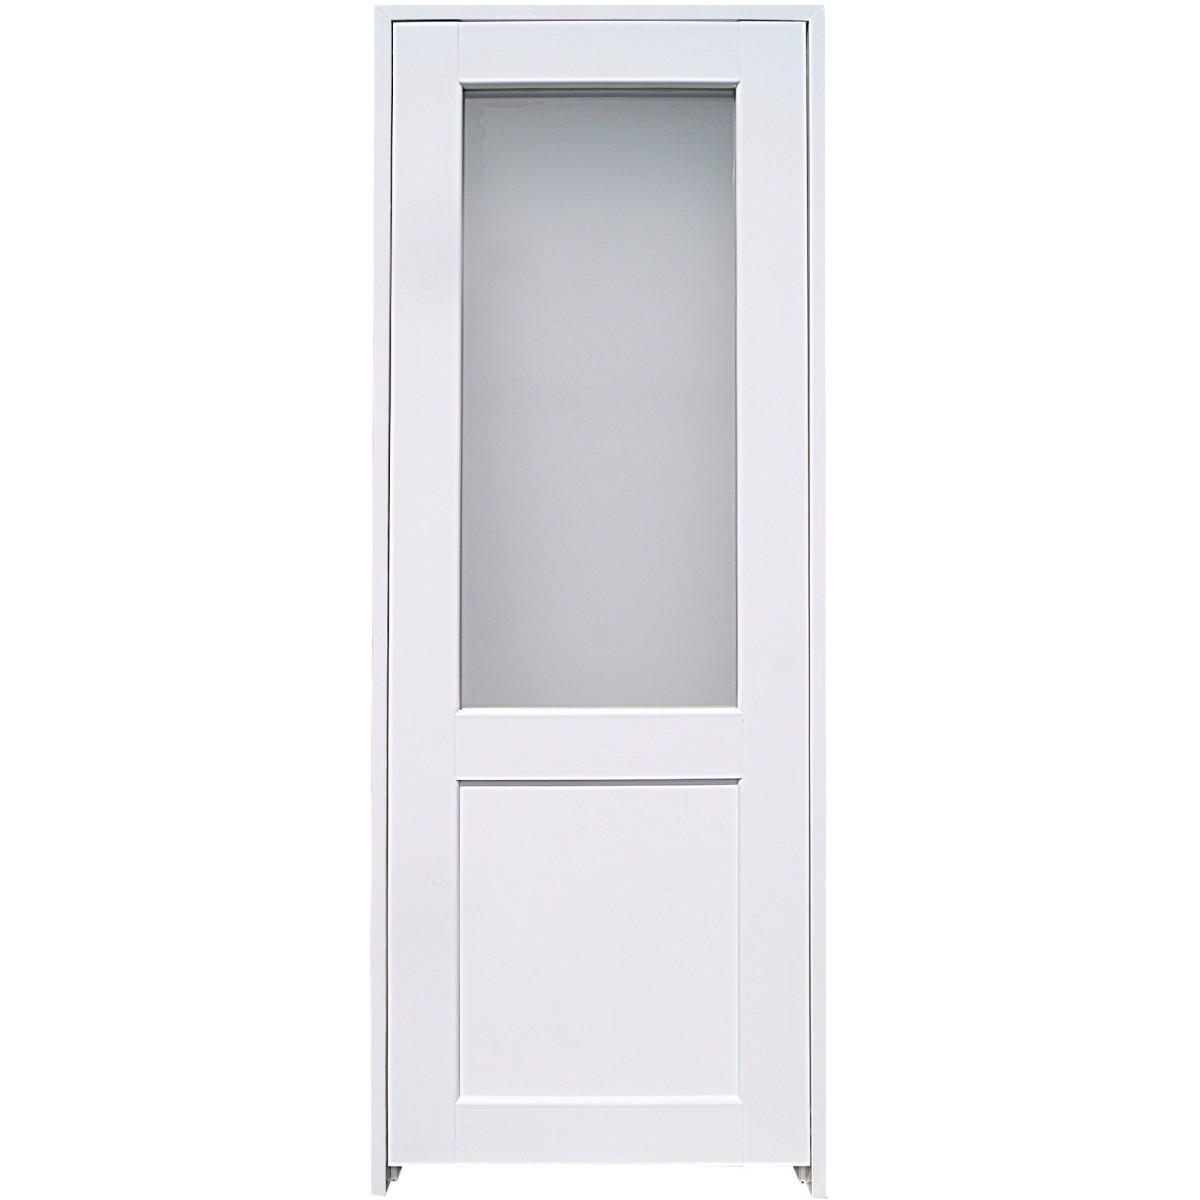 Блок дверной остеклённый с замком и петлями в комплекте Акваплюс 90x200 см ПВХ